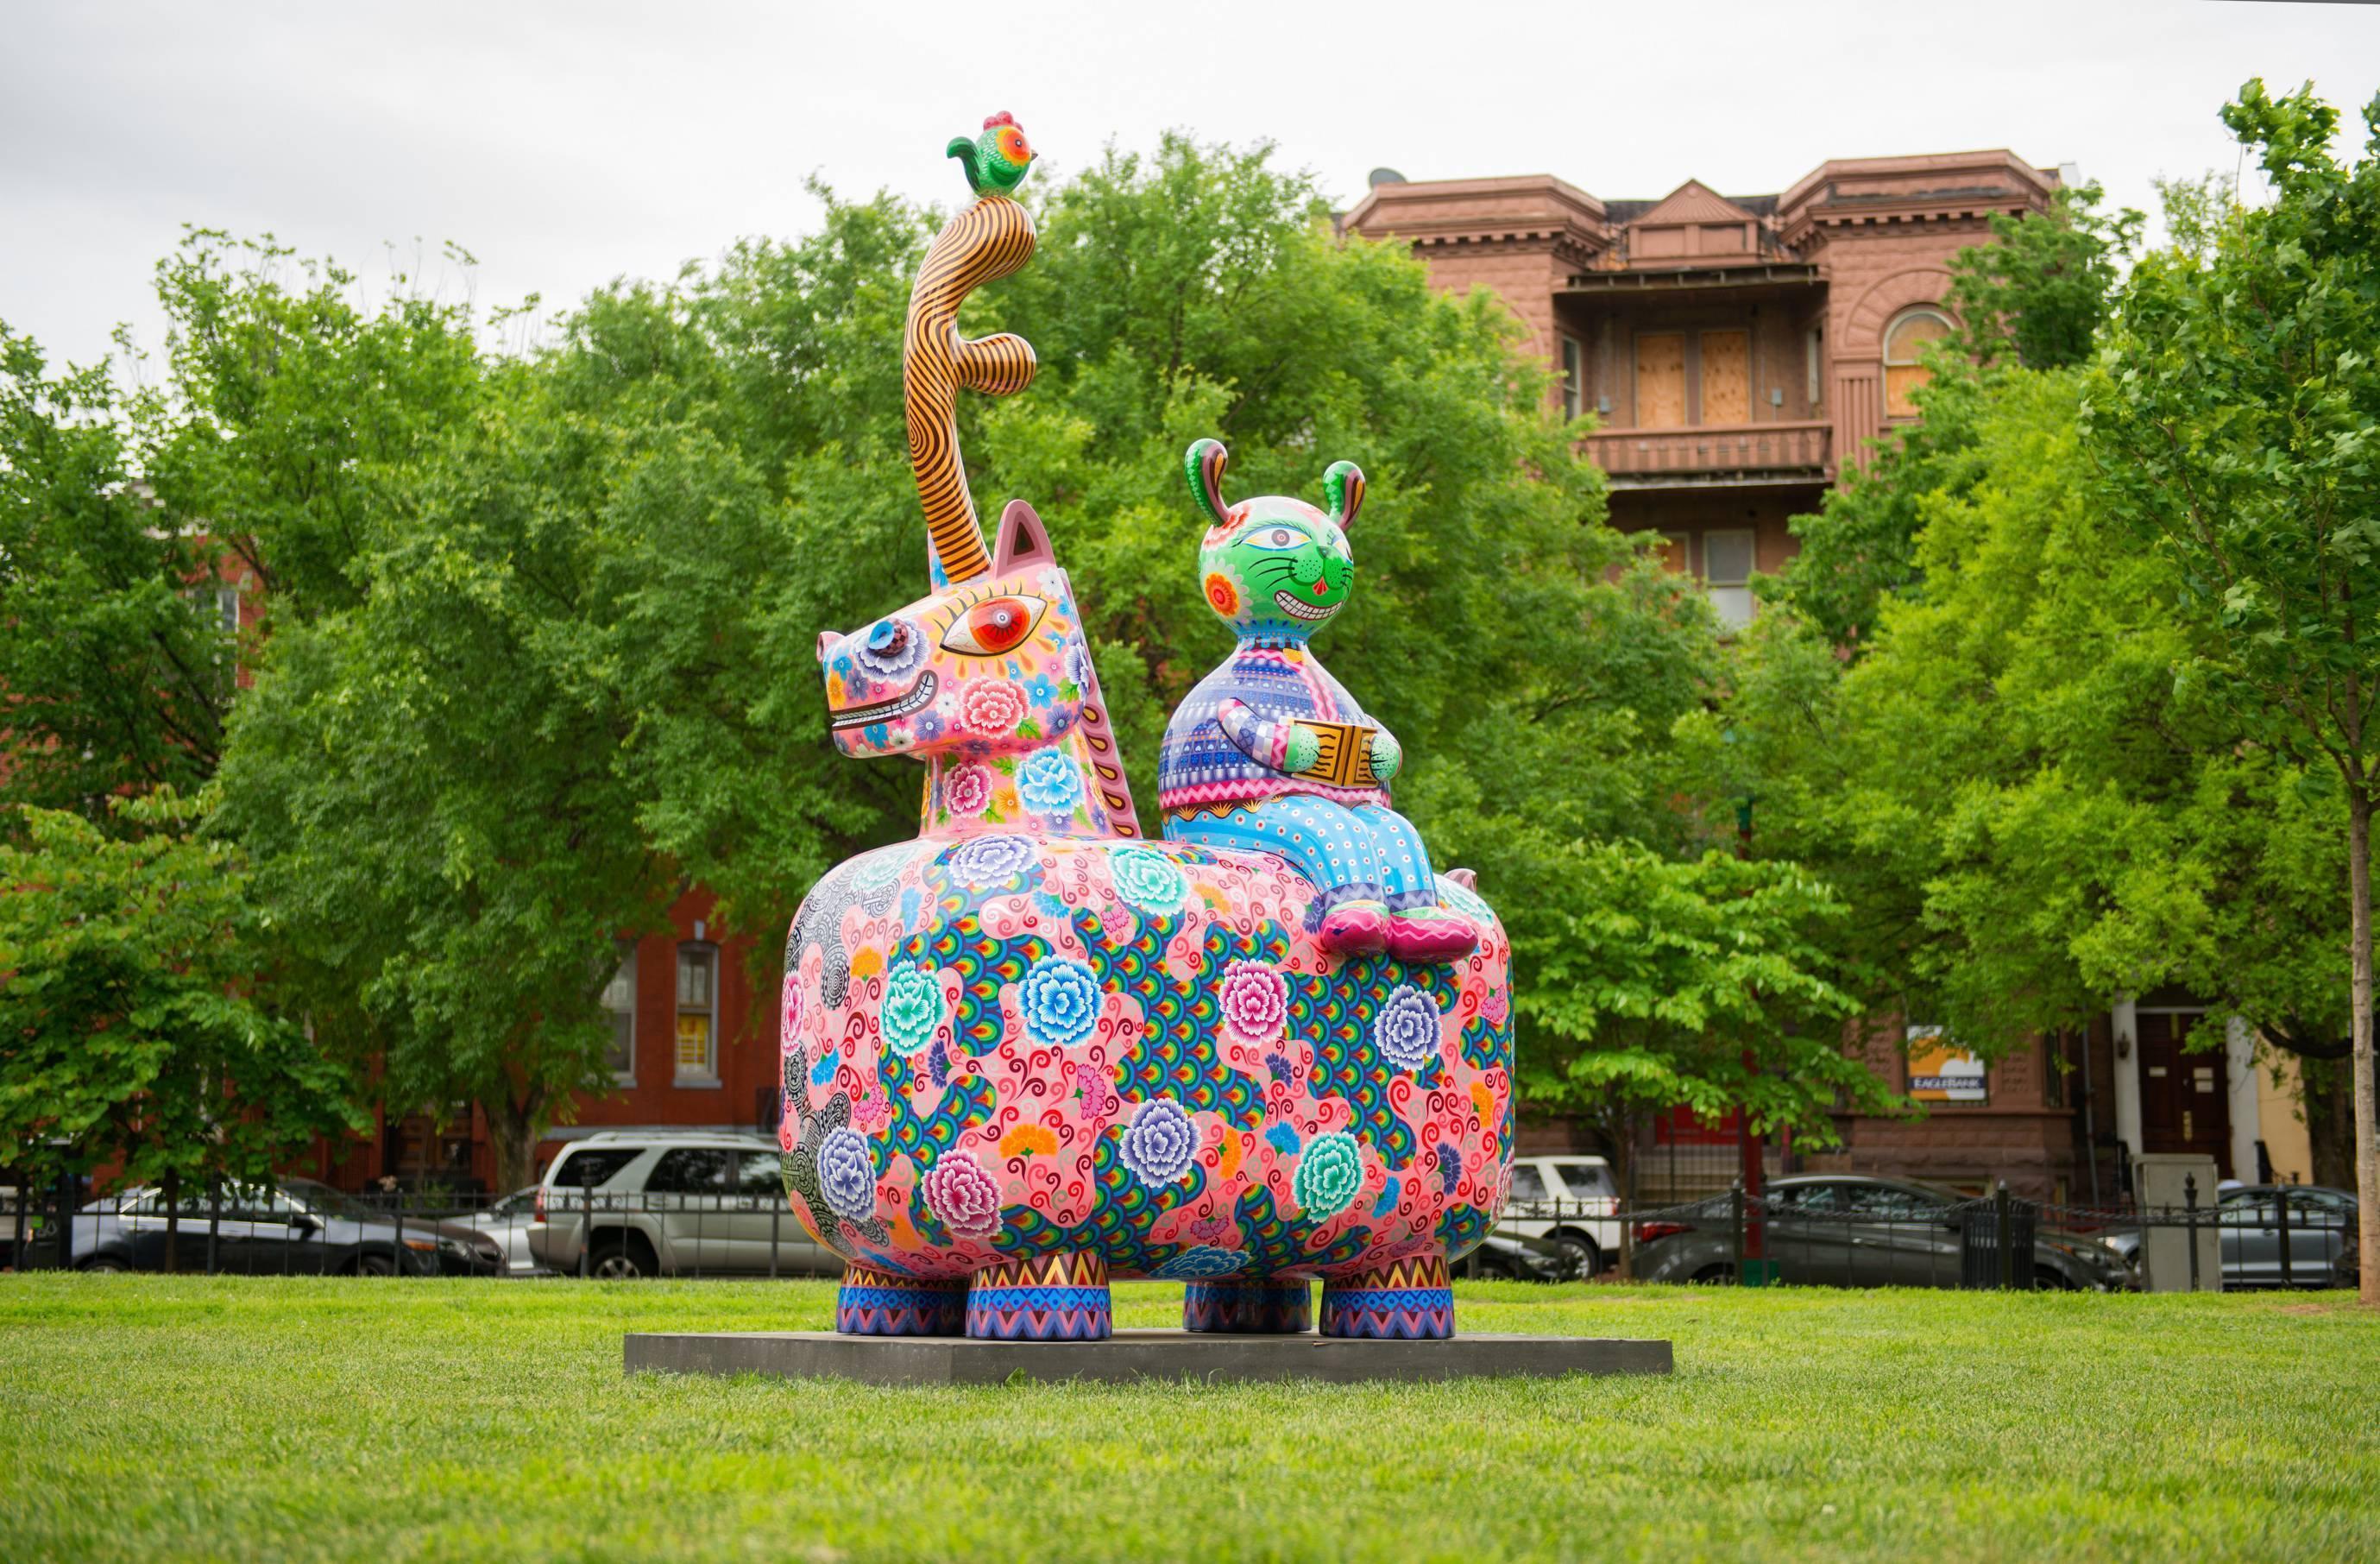 龍馬| 2013|鋼板彩繪|143x240x350 cm|作品「龍馬」,取其中國龍馬精神,奮鬥不止、自強不息的進取、向上之意。